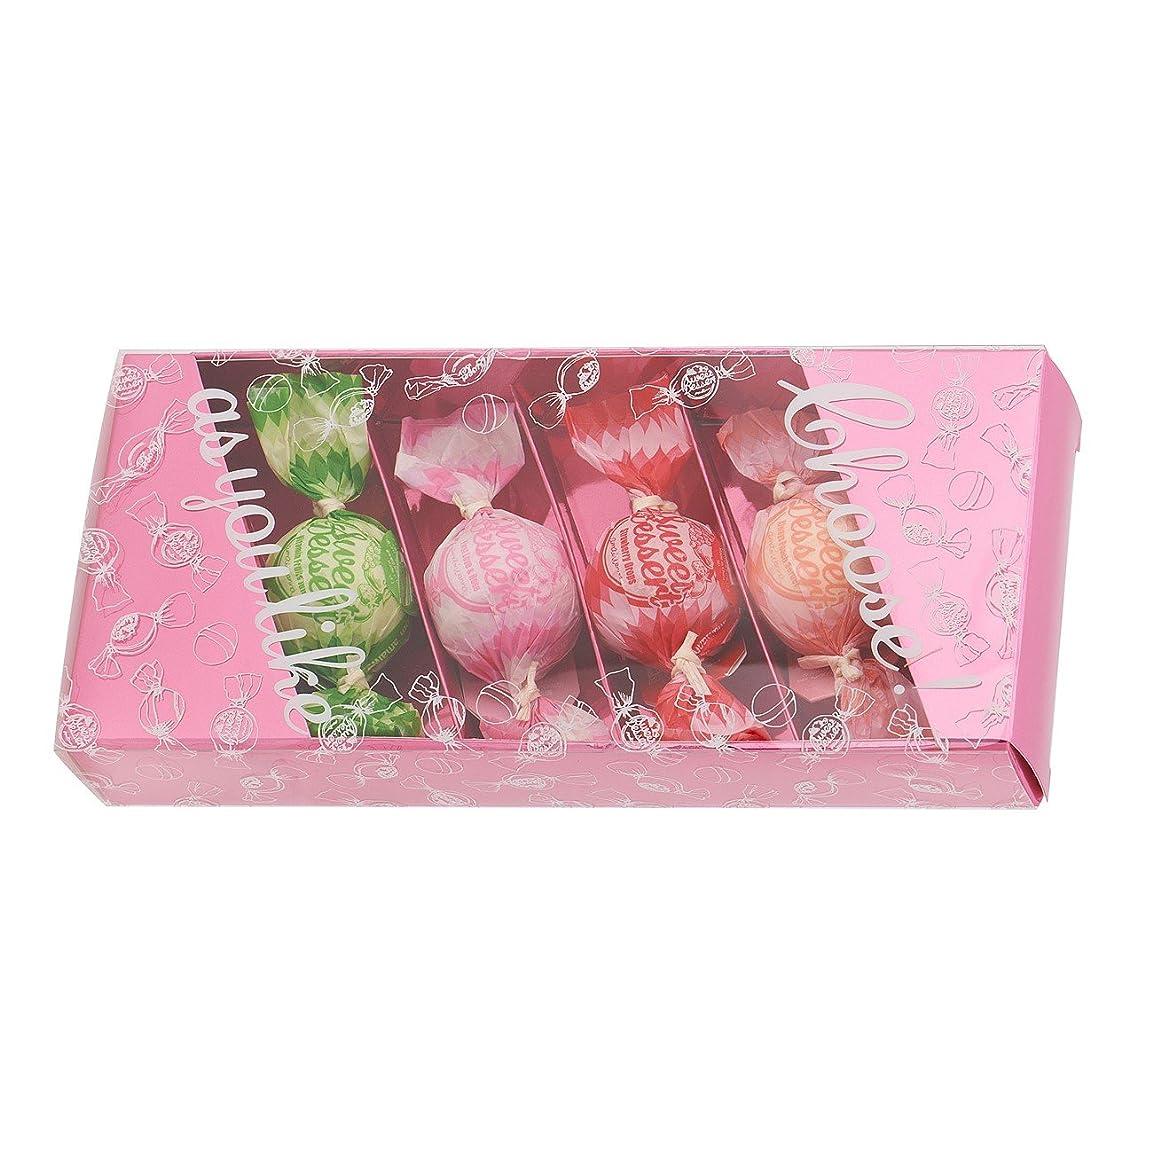 時ドレスリハーサルアマイワナ バスキャンディー4粒ギフトセット(35g×4個) ピンク(発泡タイプ入浴料 バスギフト)